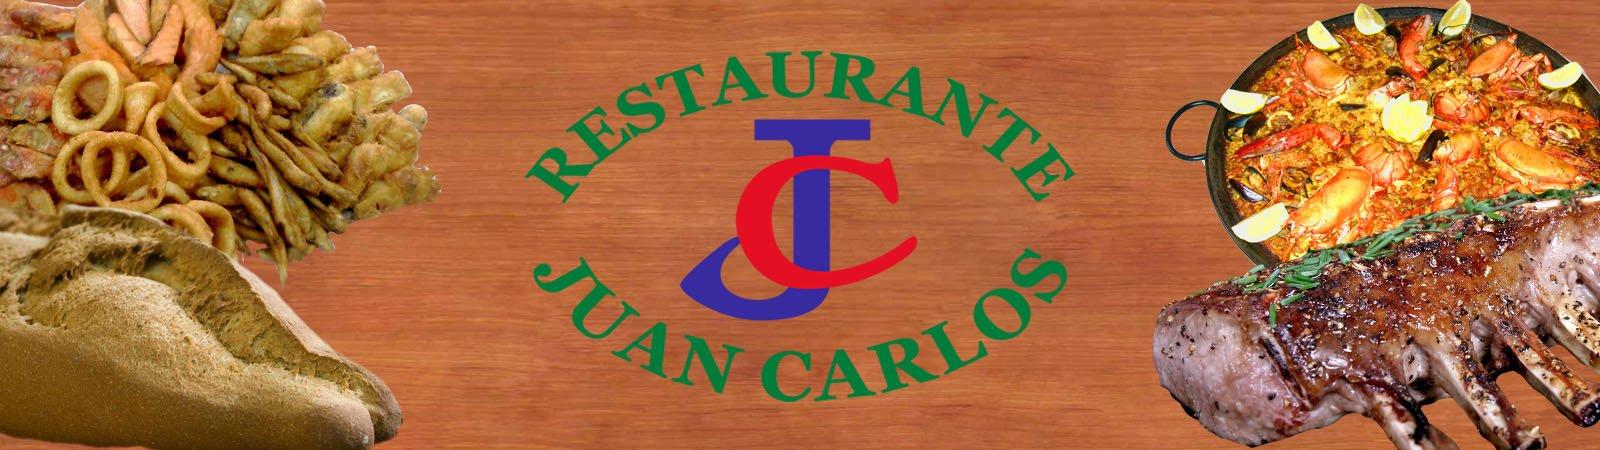 Venta Juan Carlos, Venta Restaurnte, Venta campo gibraltar, venta san roque, venta castellar